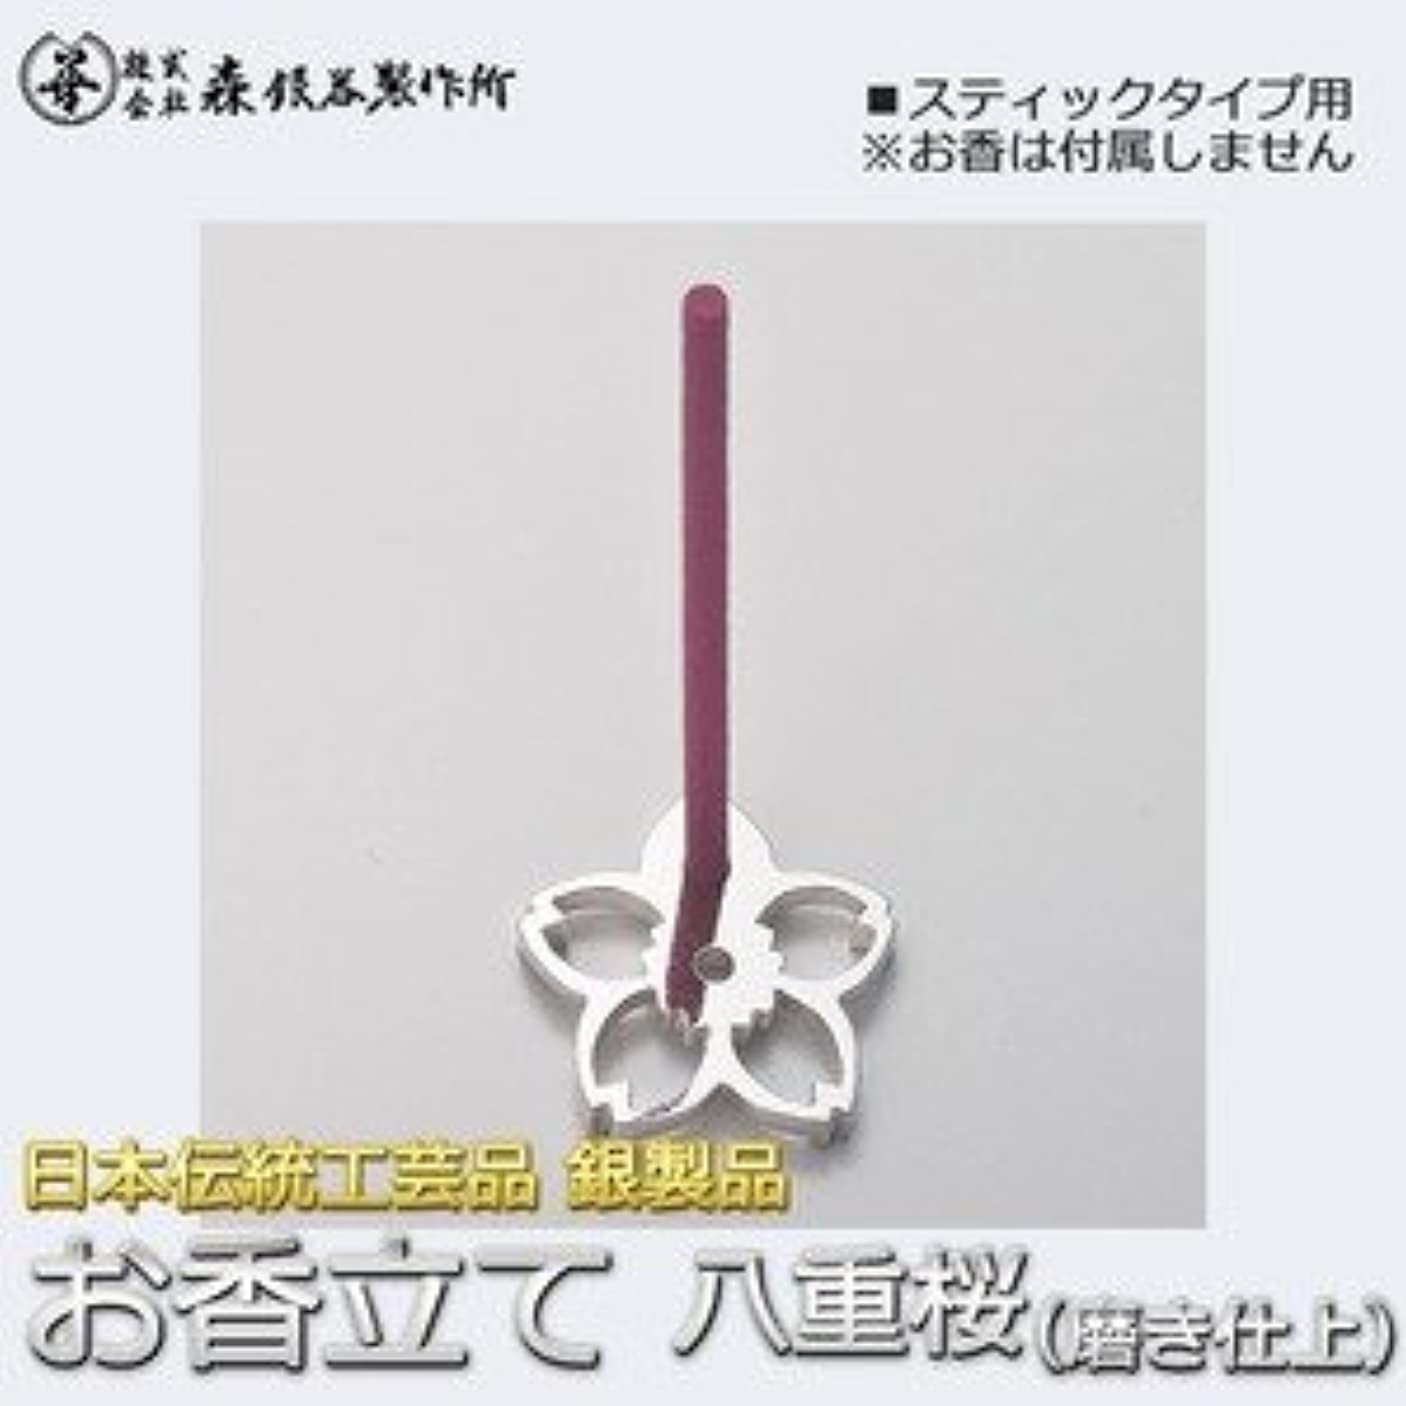 錫ローン志す香立て 八重桜 銀製 磨き仕上げ 日本伝統工芸品 ハンドメイド スターリングシルバー